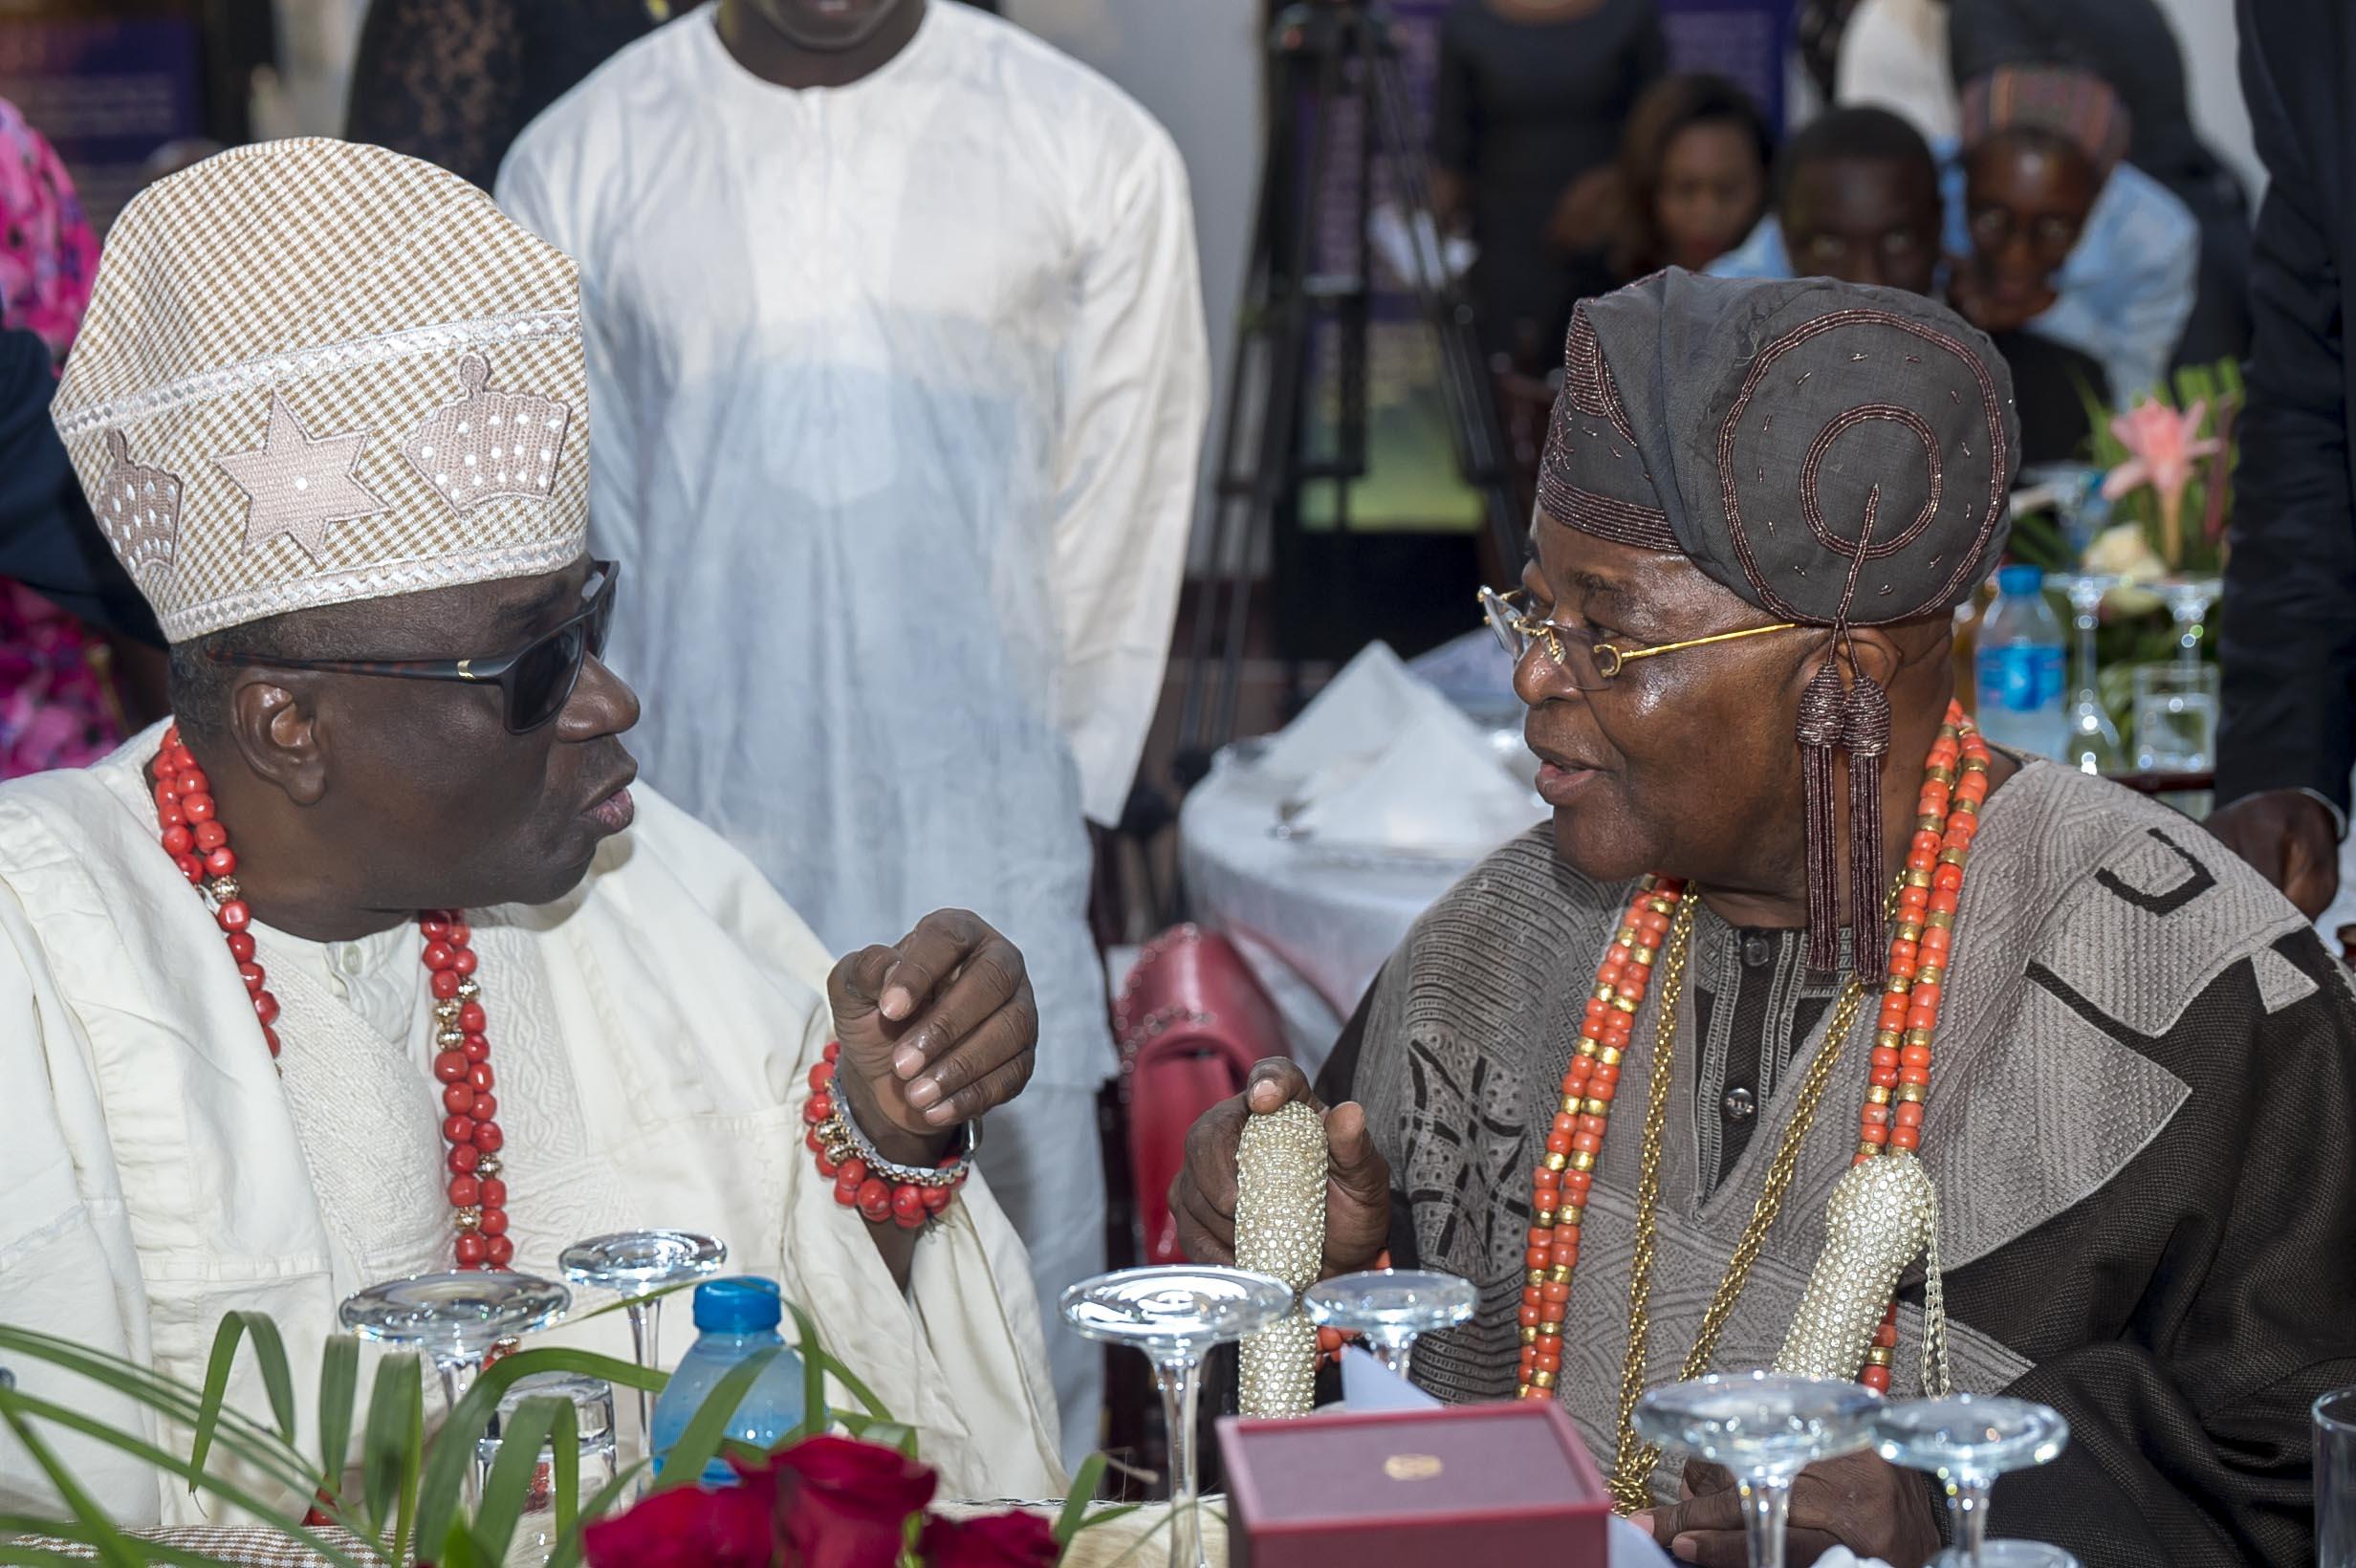 Oba of Lagos, Oba Rilwan Aremu Akiolu and Alake of Egba Land Oba Michael Adedotun Gbadebo